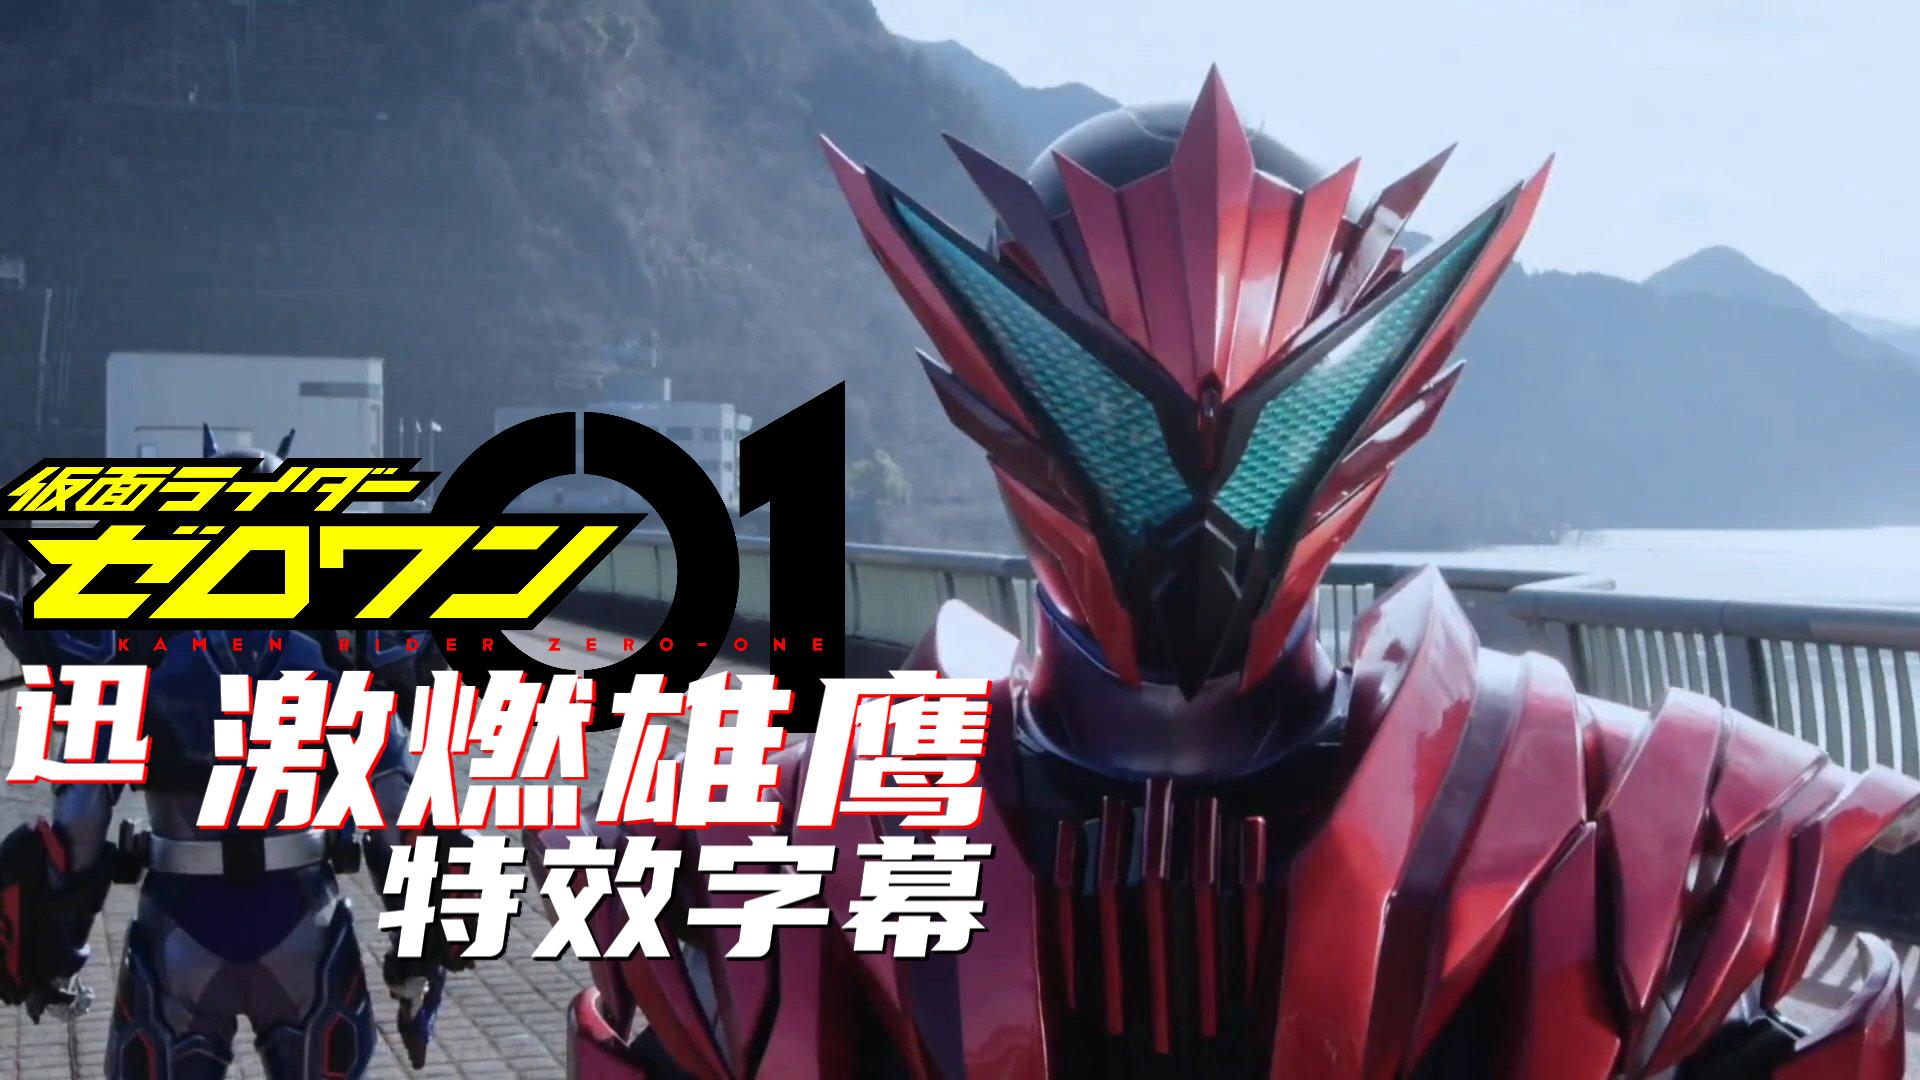 【特效字幕】假面骑士01 迅 激燃雄鹰 纏游子制作